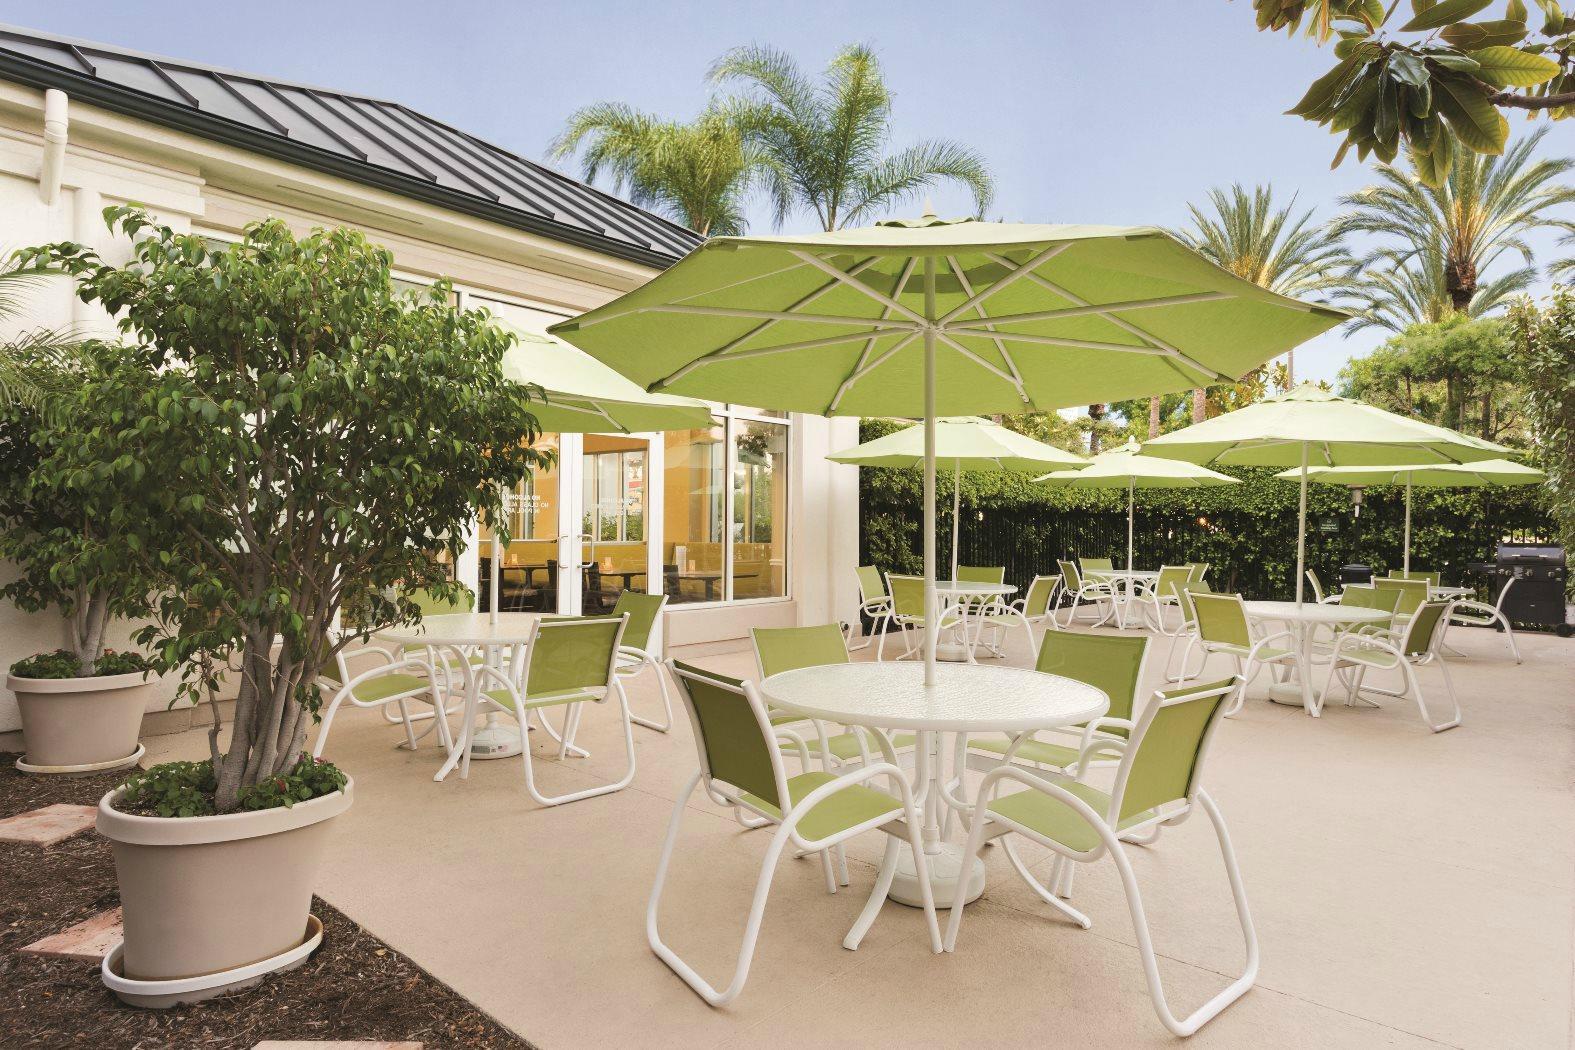 Hilton Garden Inn Anaheim Garden Grove CA 2017 Hotel Review Family Vacati